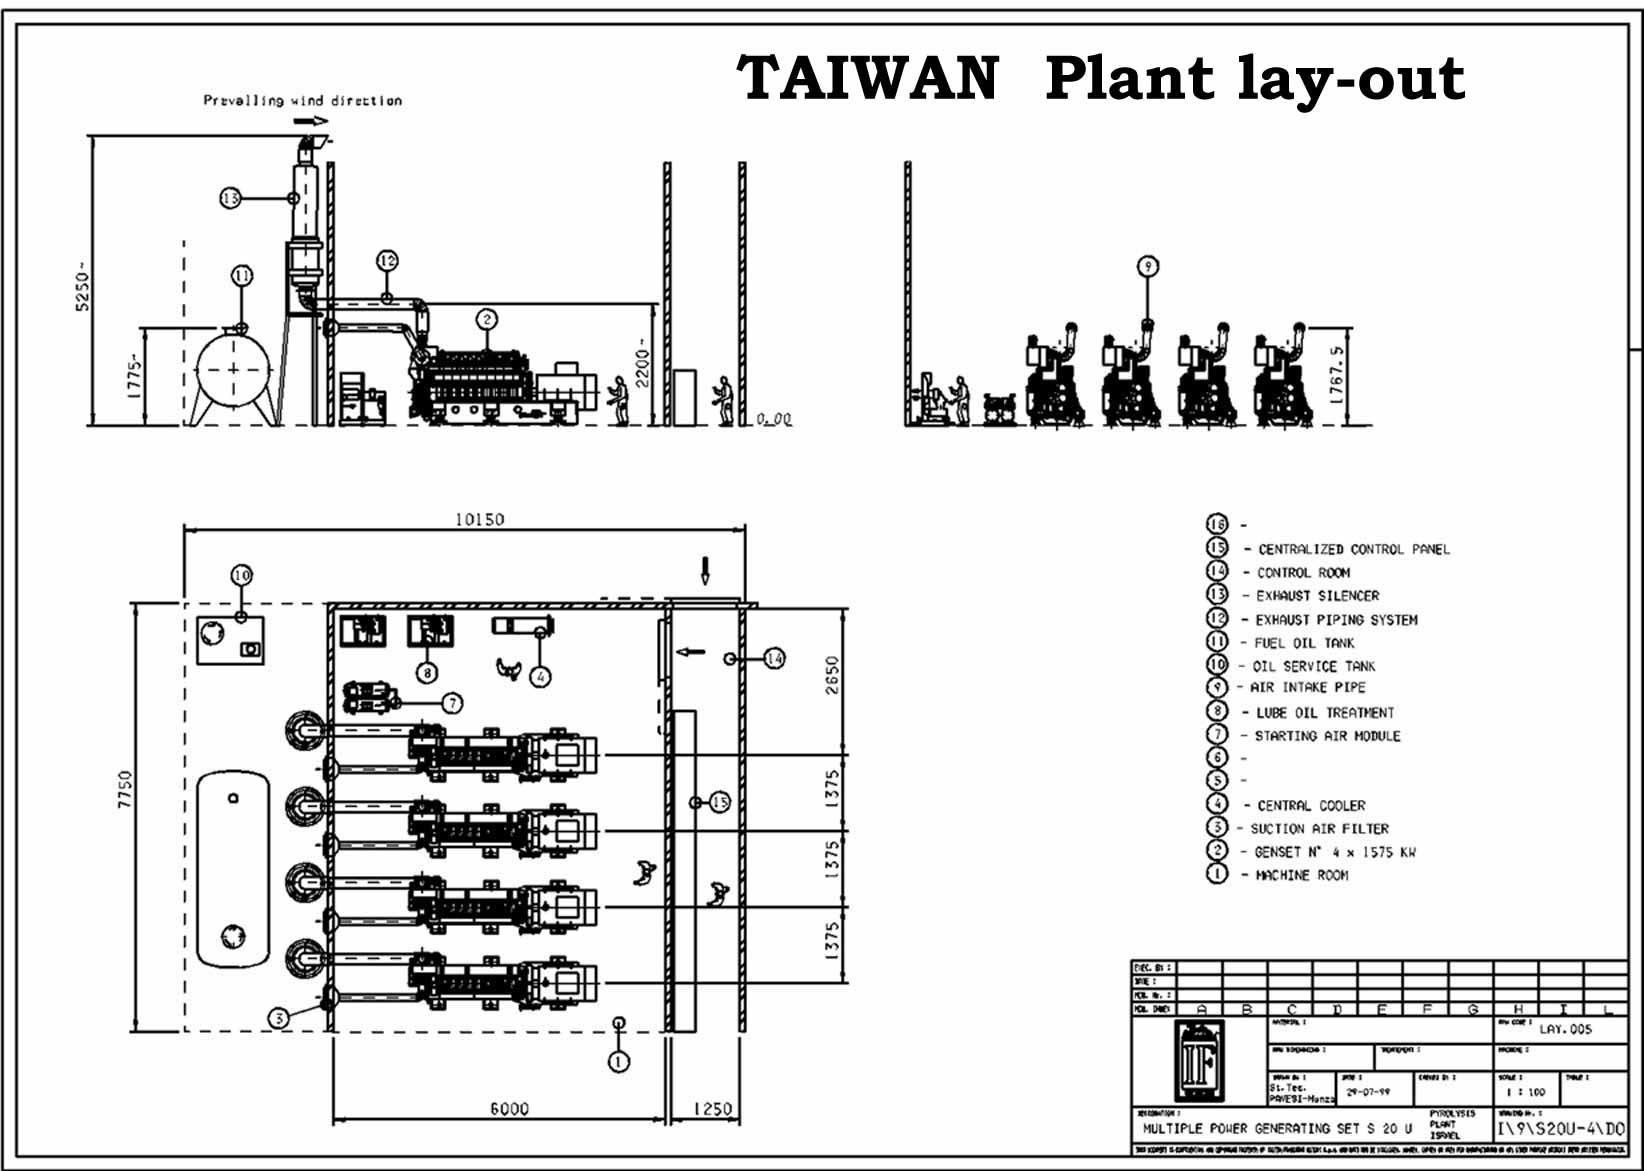 diesel power plant flow diagram